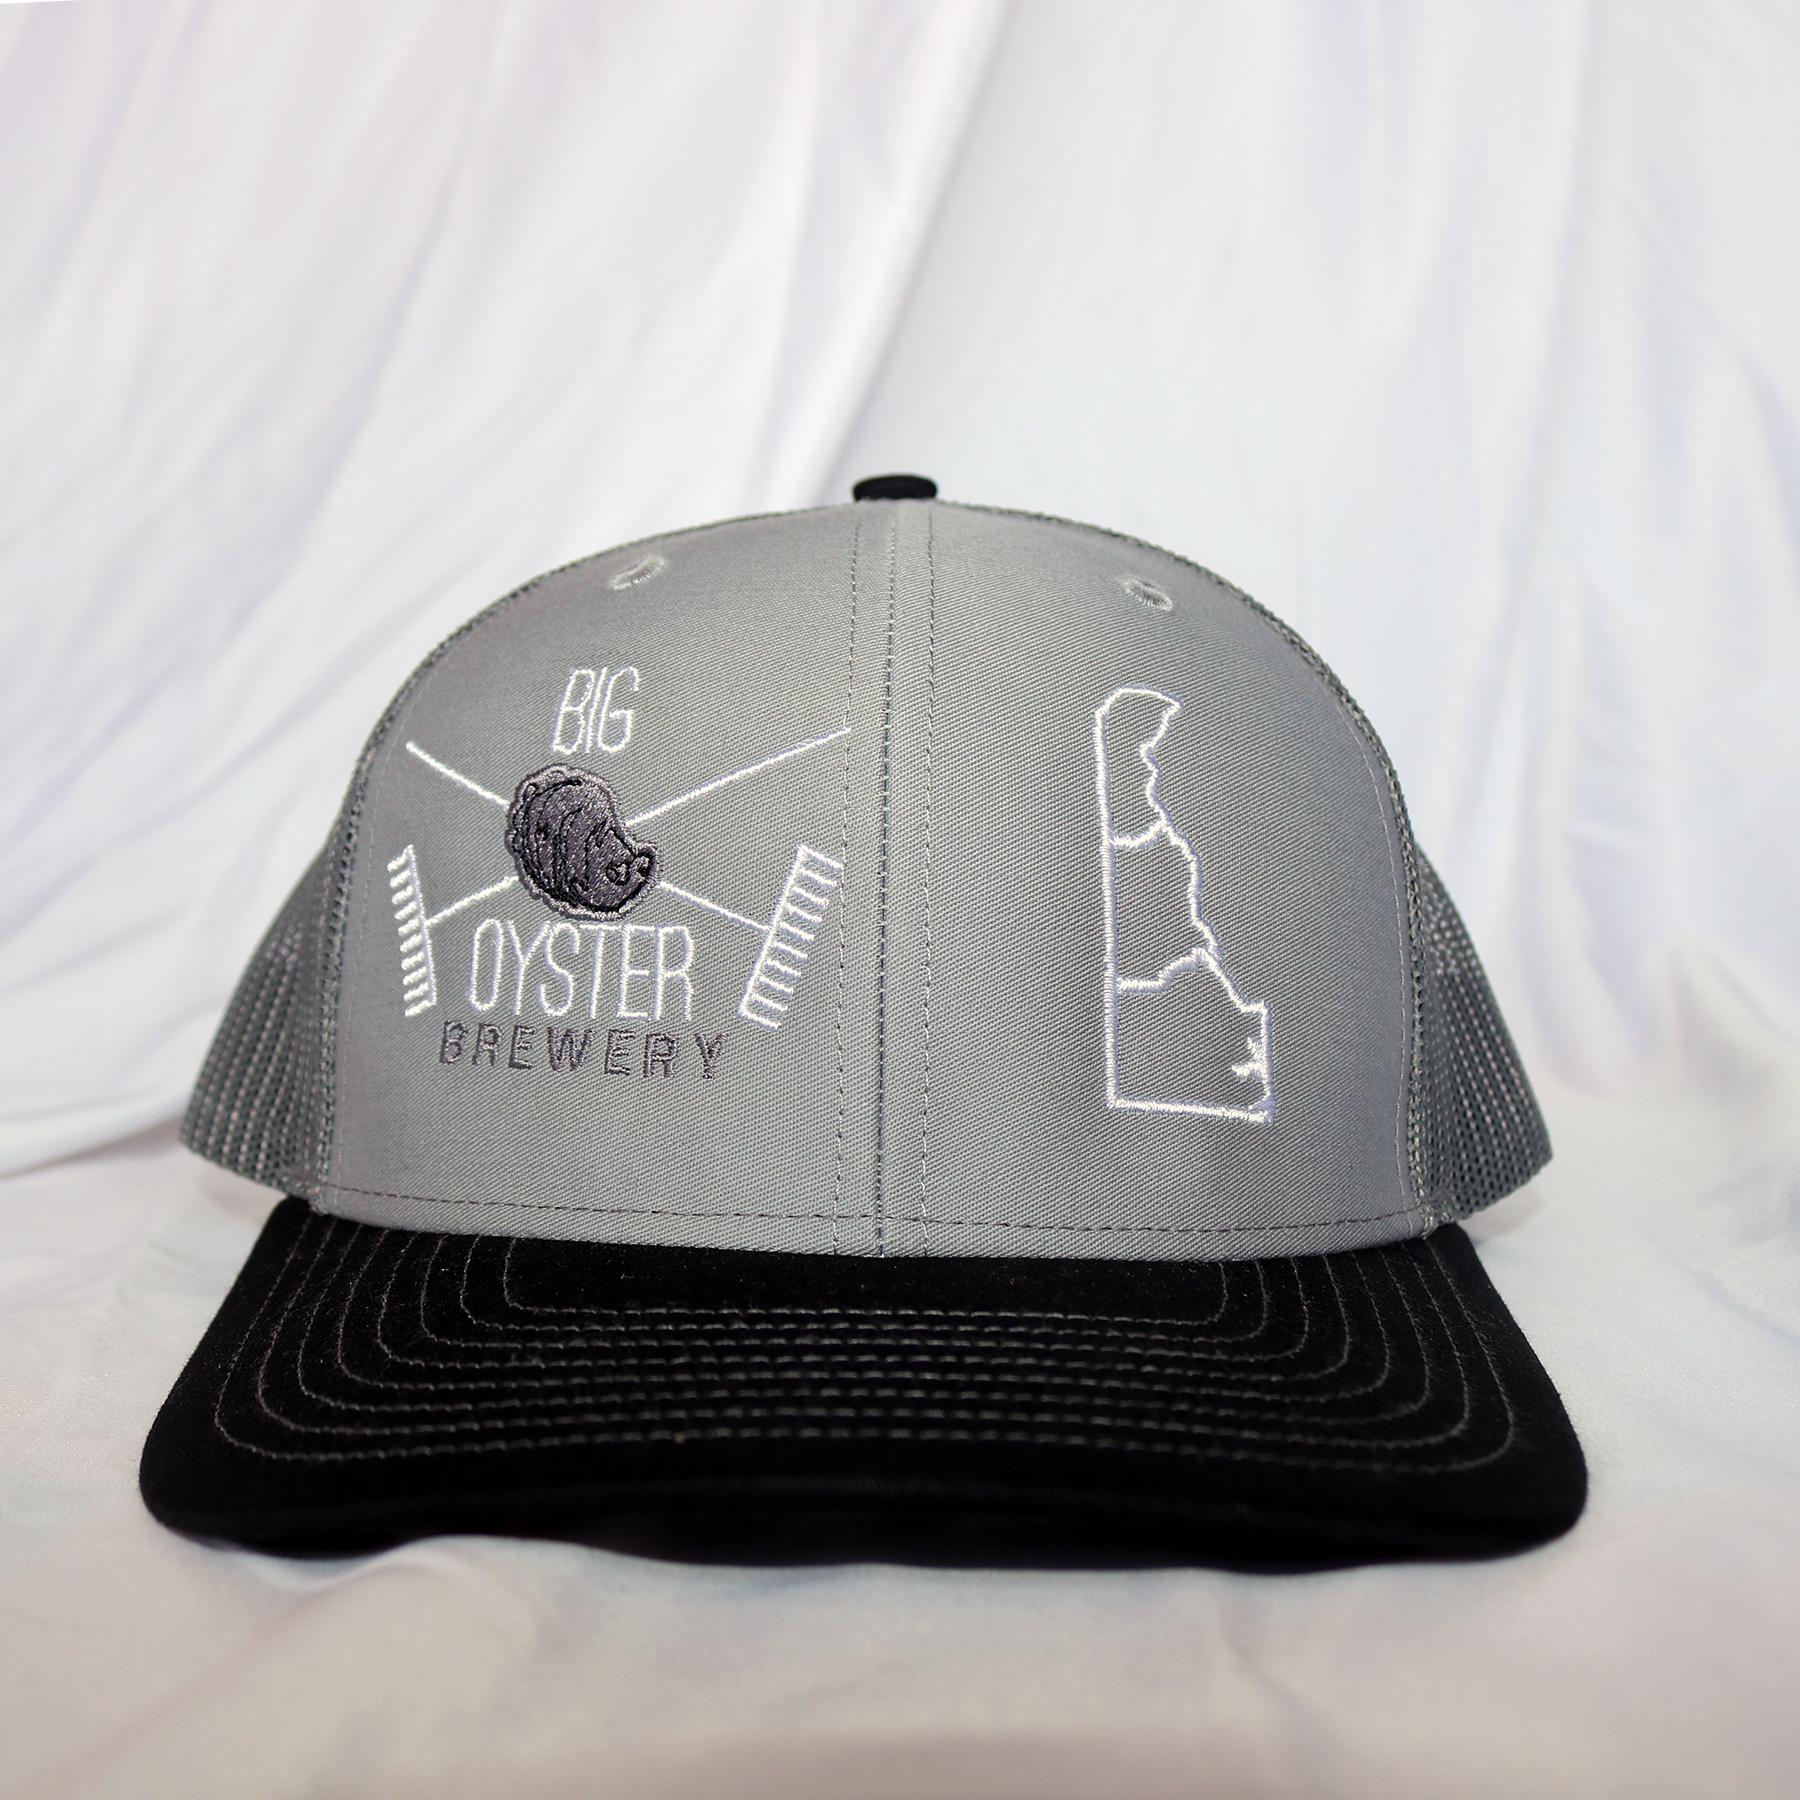 Big Oyster Delaware Hat